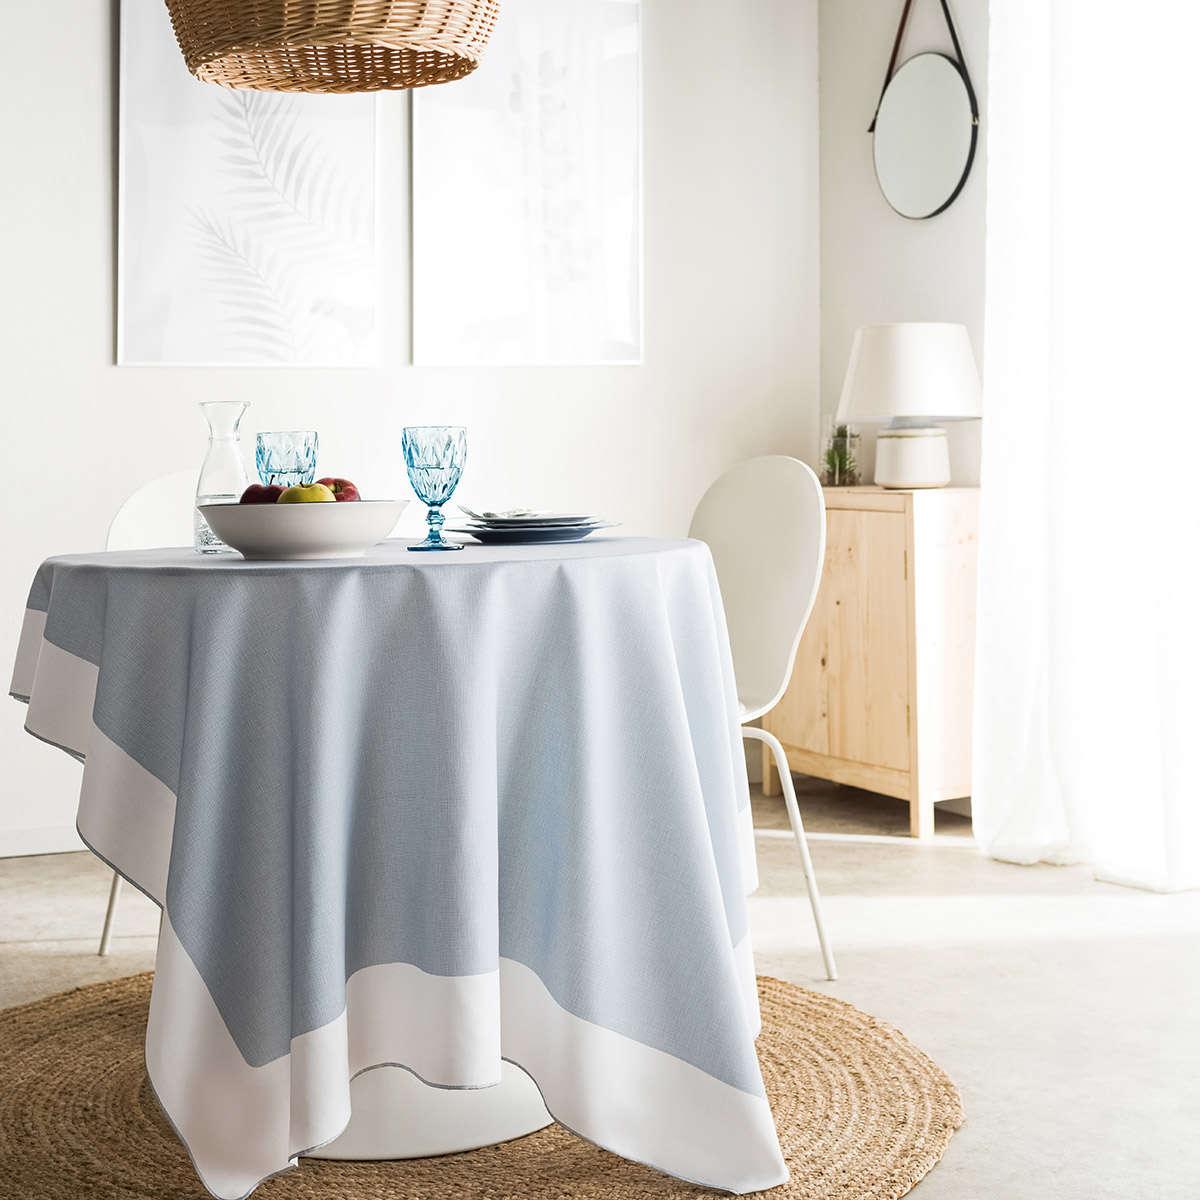 Τραπεζομάντηλο Domenica Blue 103/01 Gofis Home 150Χ300